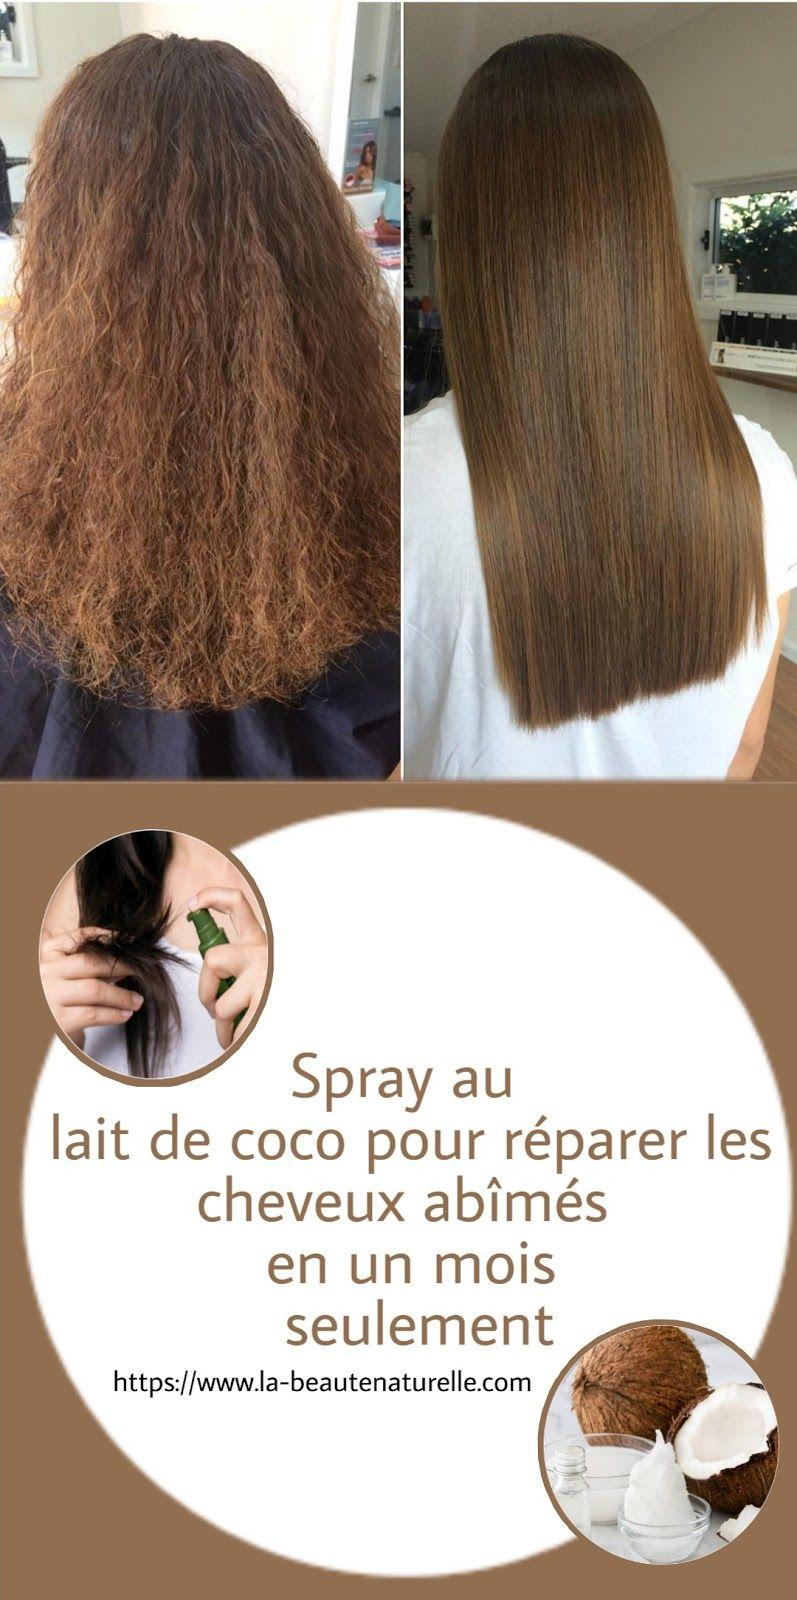 Masque Lait De Coco : masque, Spray, Réparer, Cheveux, Abîmés, Seulement, Styles,, Beauty,, Styles